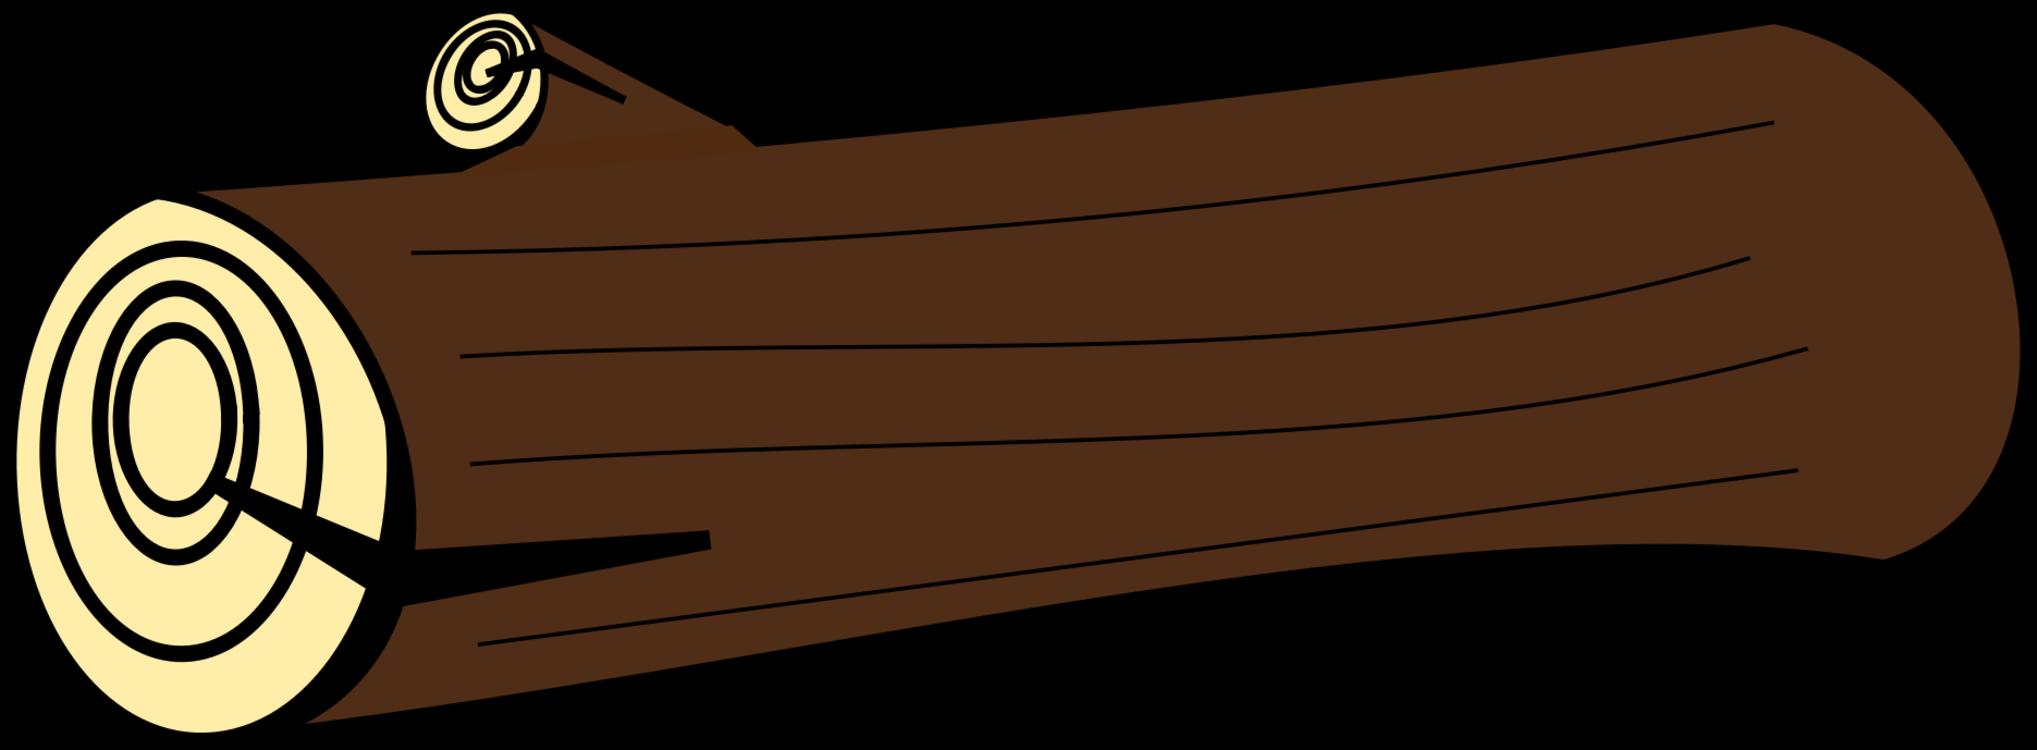 Carnivoran,Automotive Design,Line